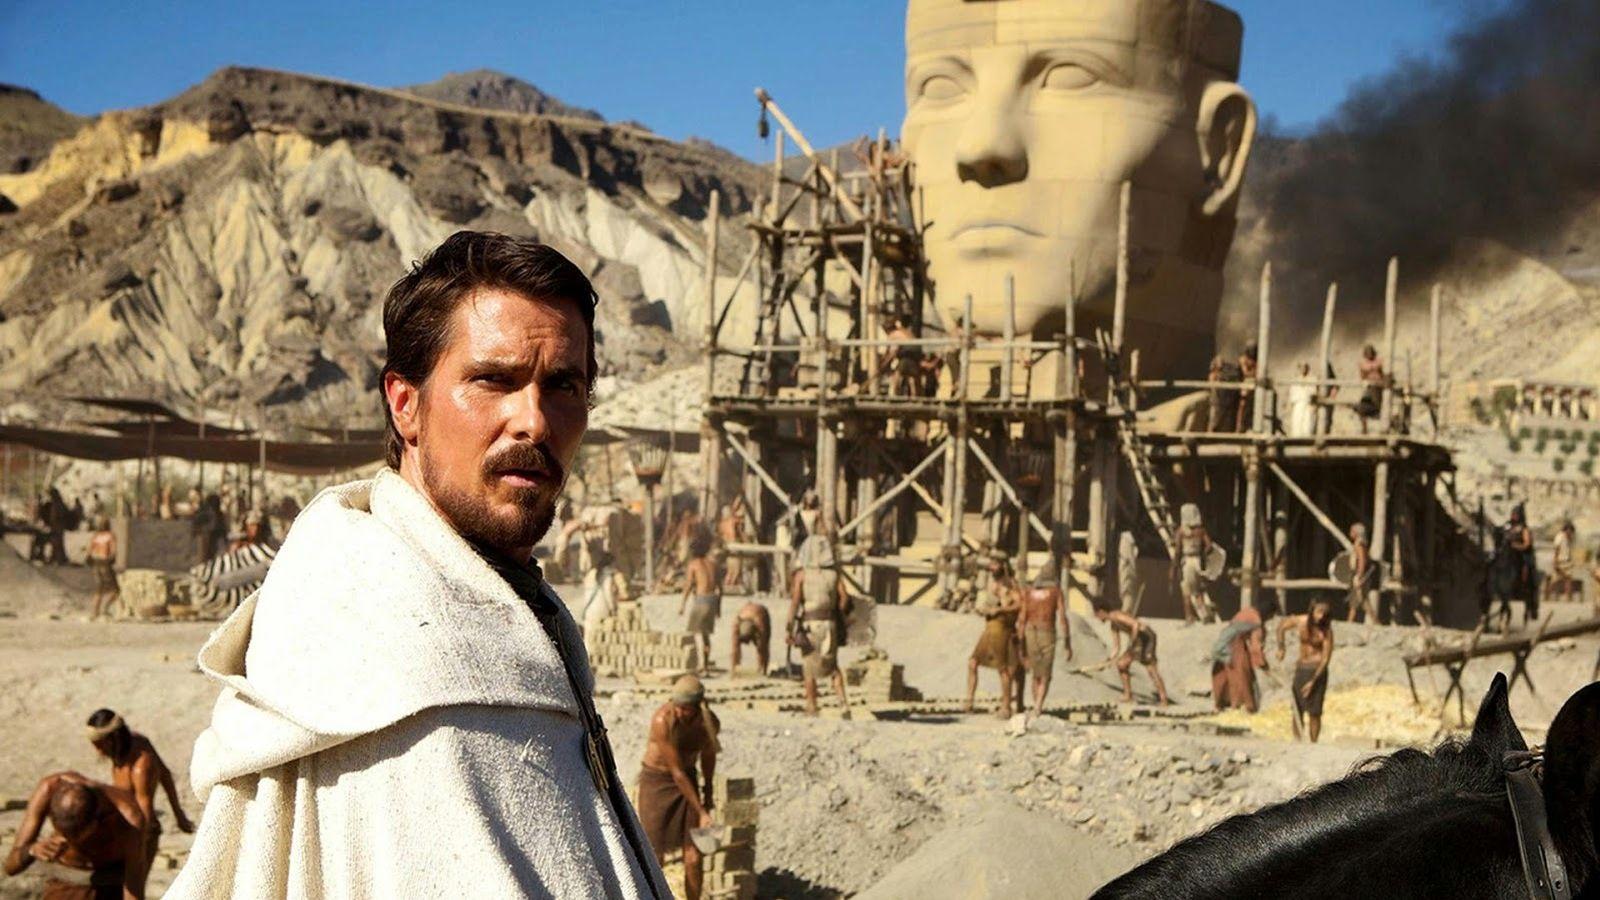 Foto: Christian Bale en un fotograma de 'Exodus', una de las superproducciones rodadas en España